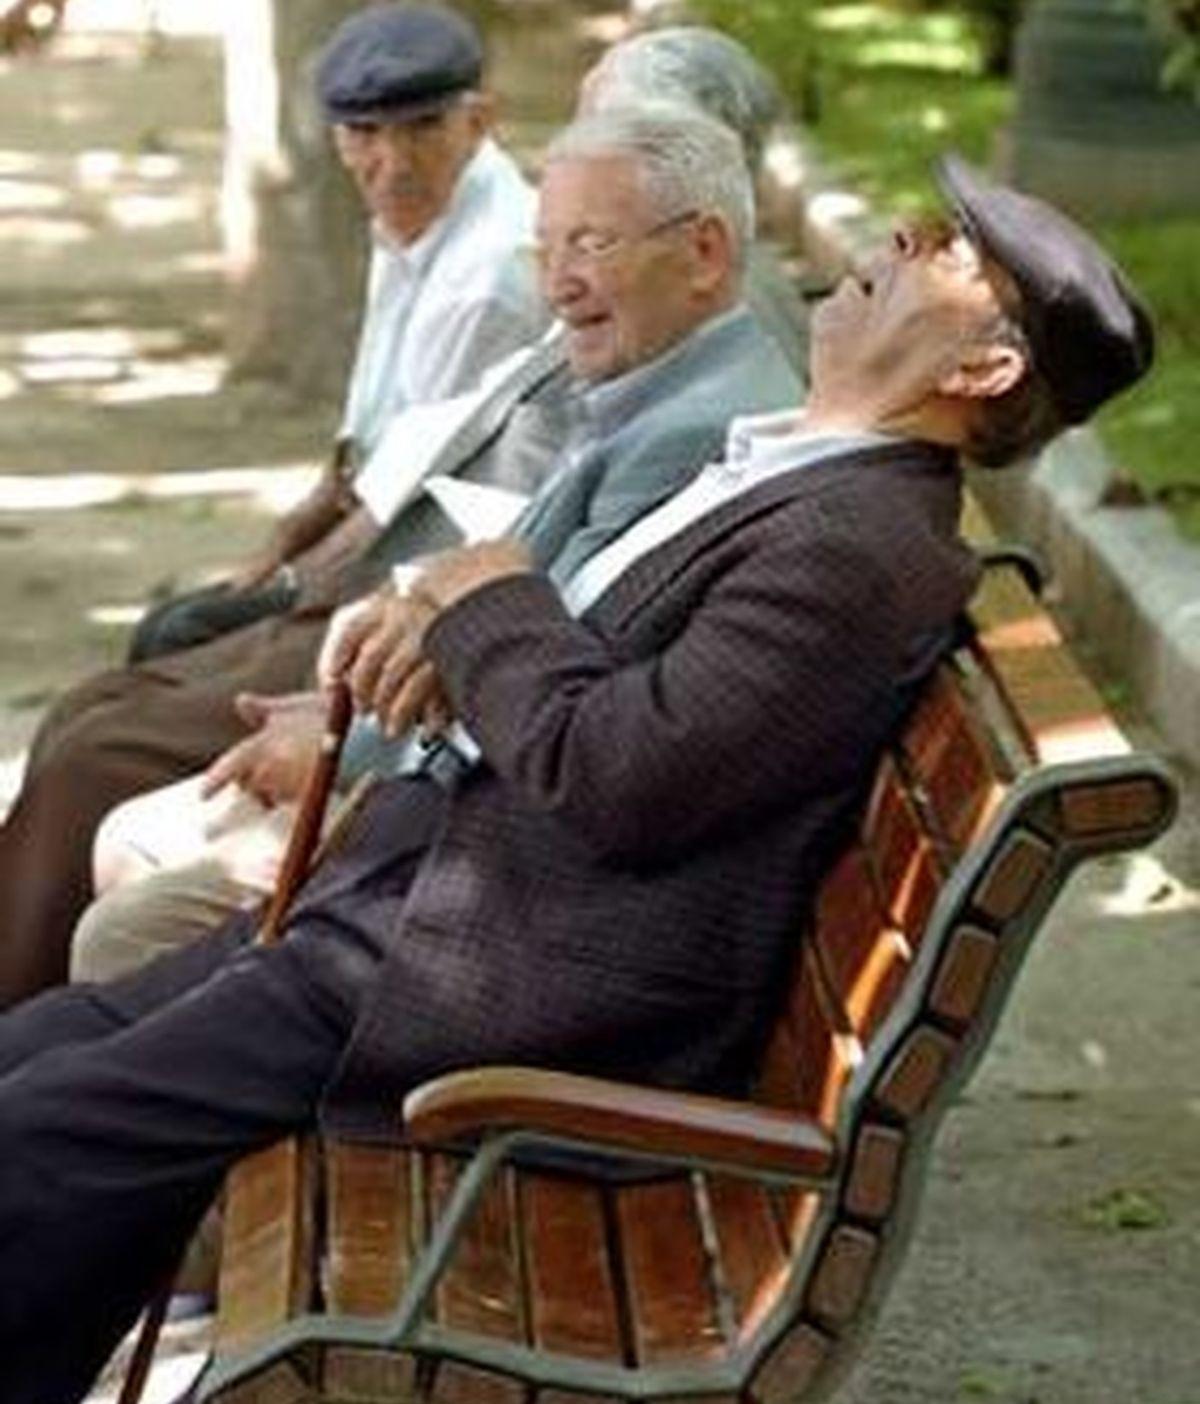 La UE ha propuesto elevar a 70 años la edad mínima de jubilación en los 27 países de la Unión Europea para garantizar el sistema de pensiones. Foto EFE